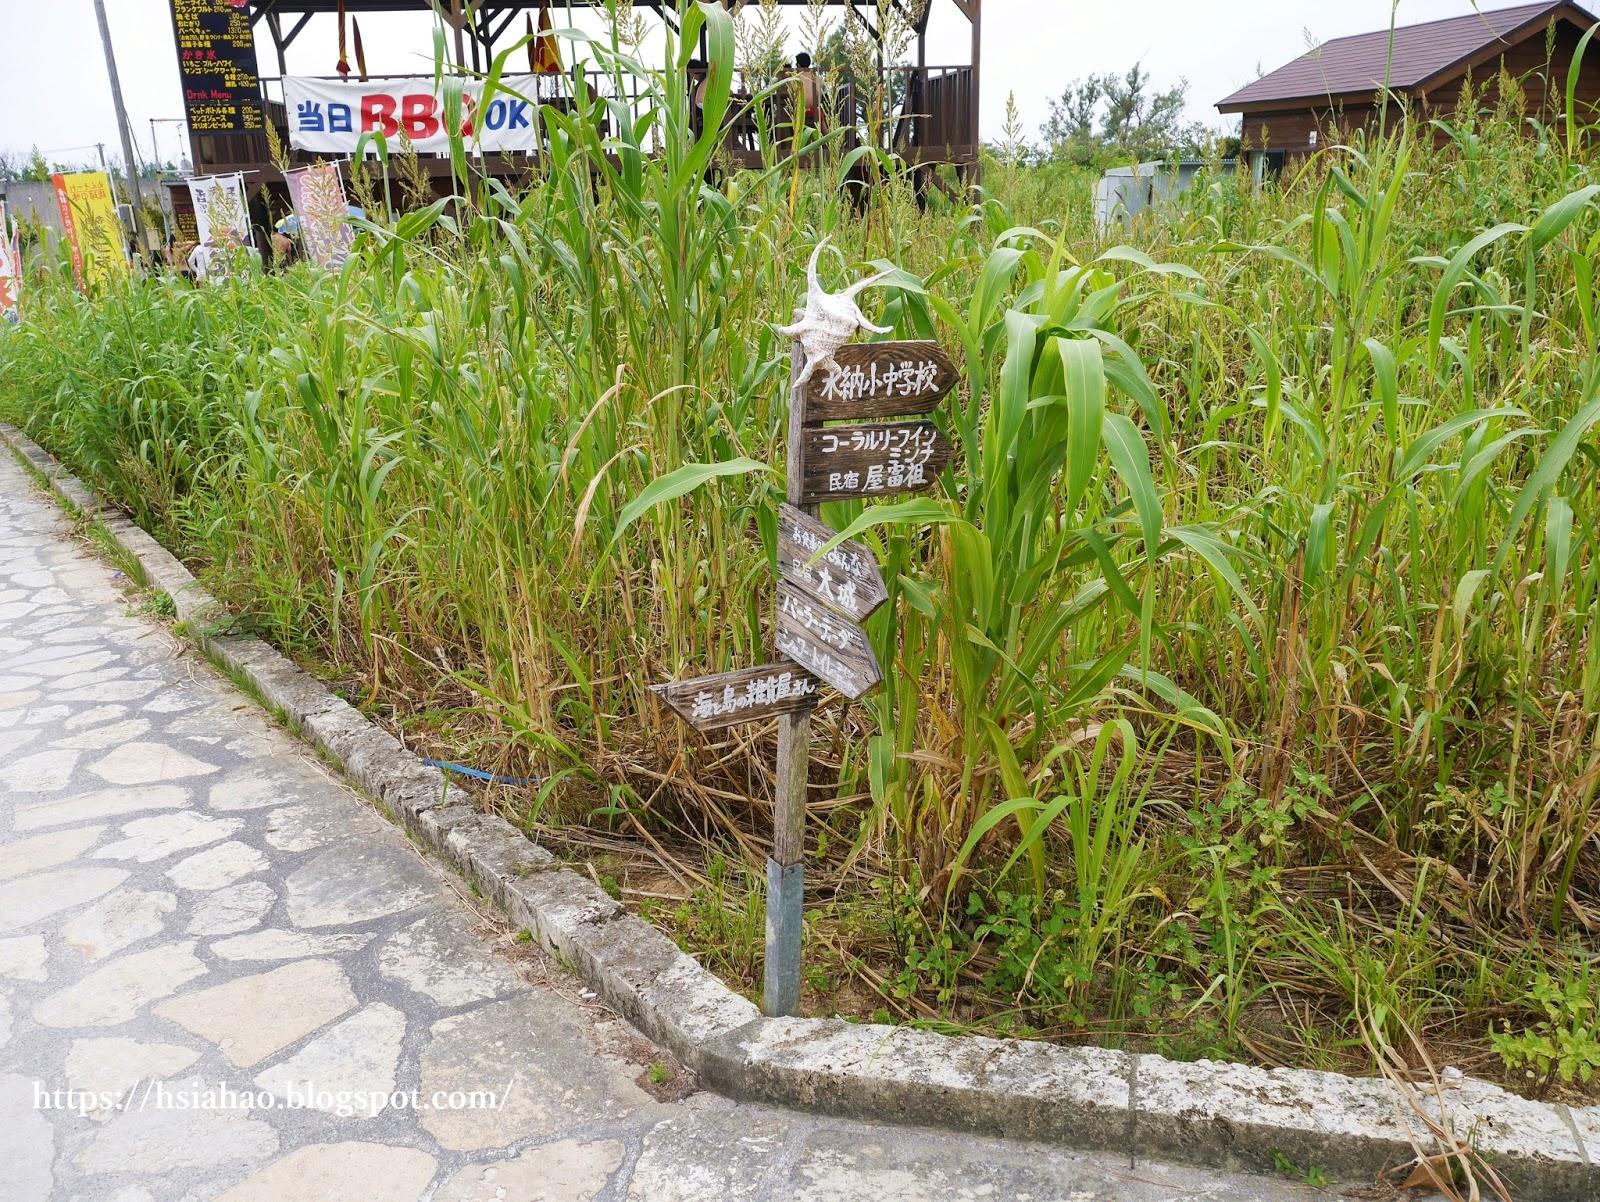 沖繩-景點-水納島-Minna-Beach推薦-自由行-旅遊-Okinawa